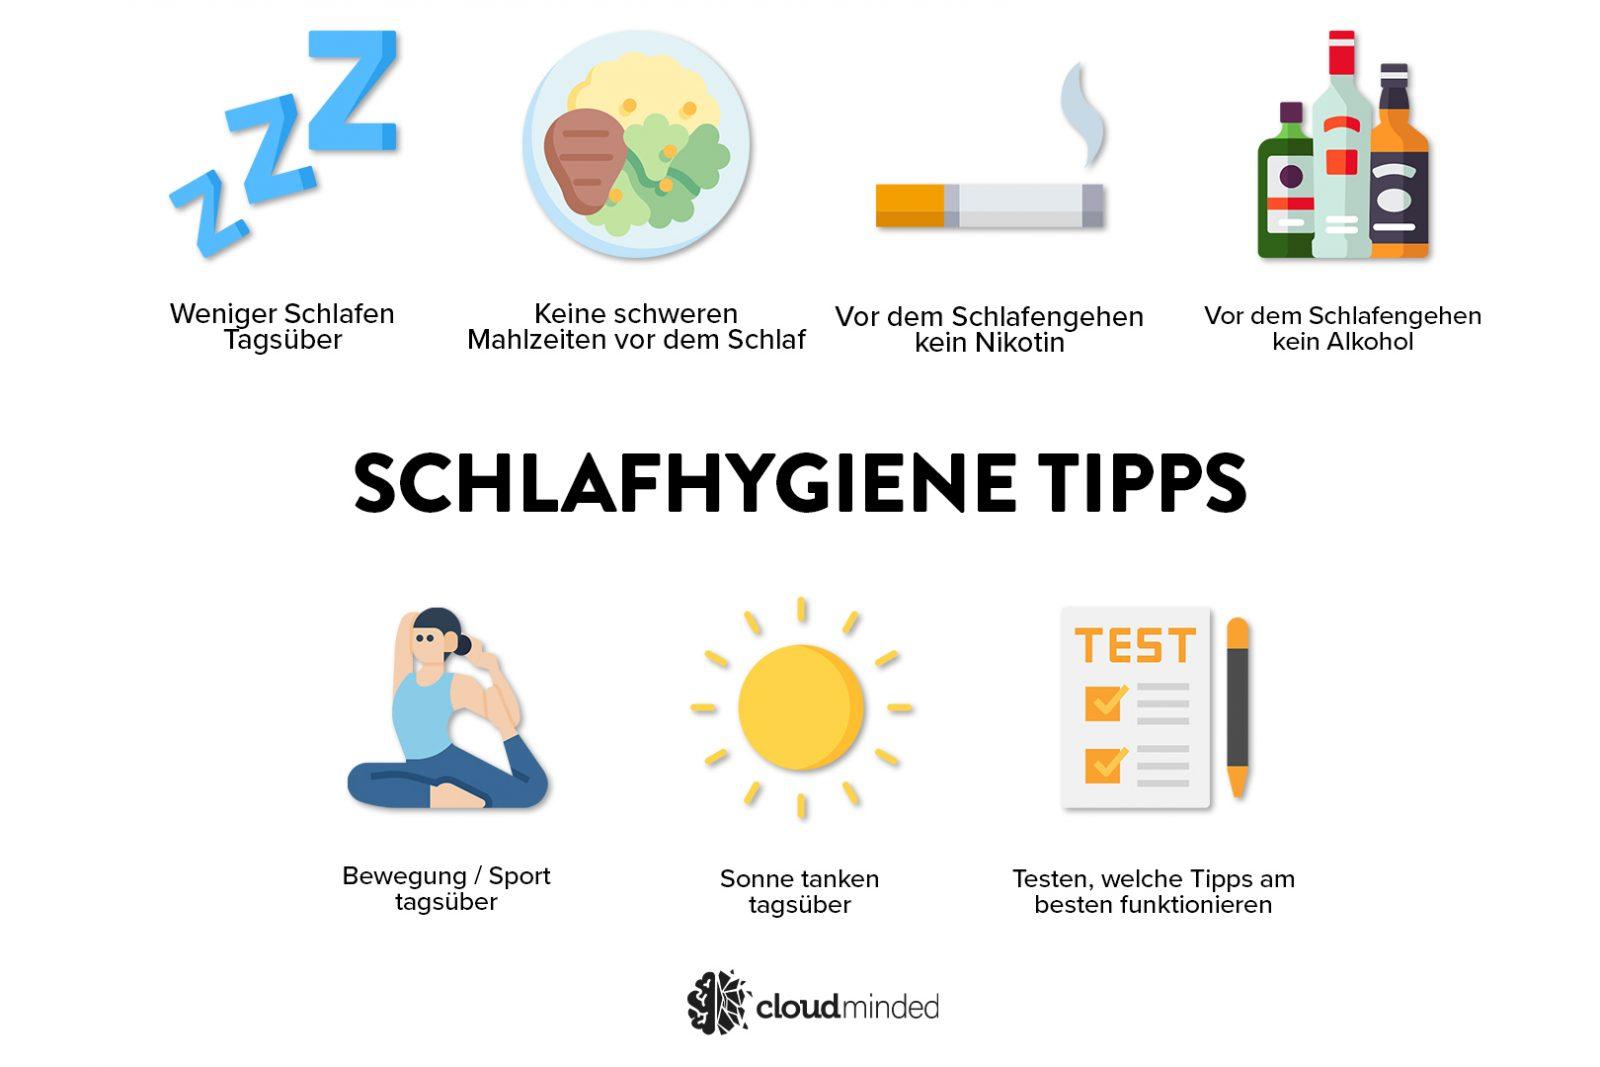 Schlafhygiene Tipps2